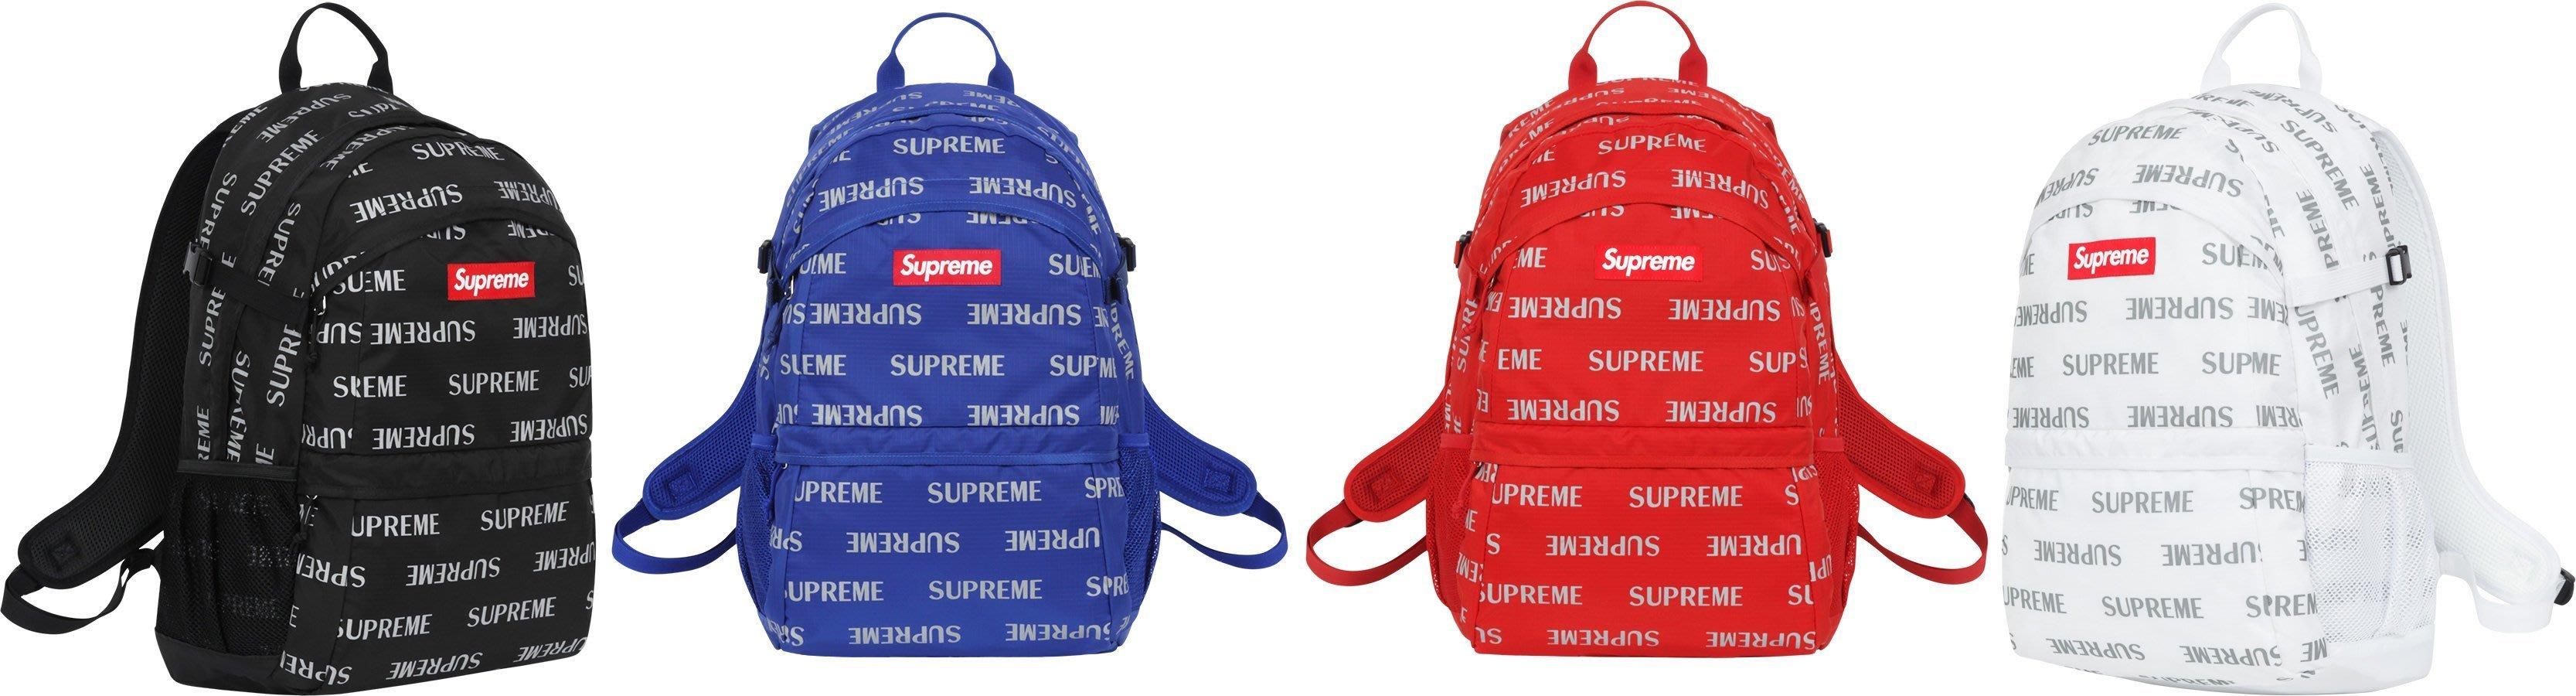 全新商品 Supreme 41th 41代 Reflective Repeat Backpack 潮流 後背包 背包